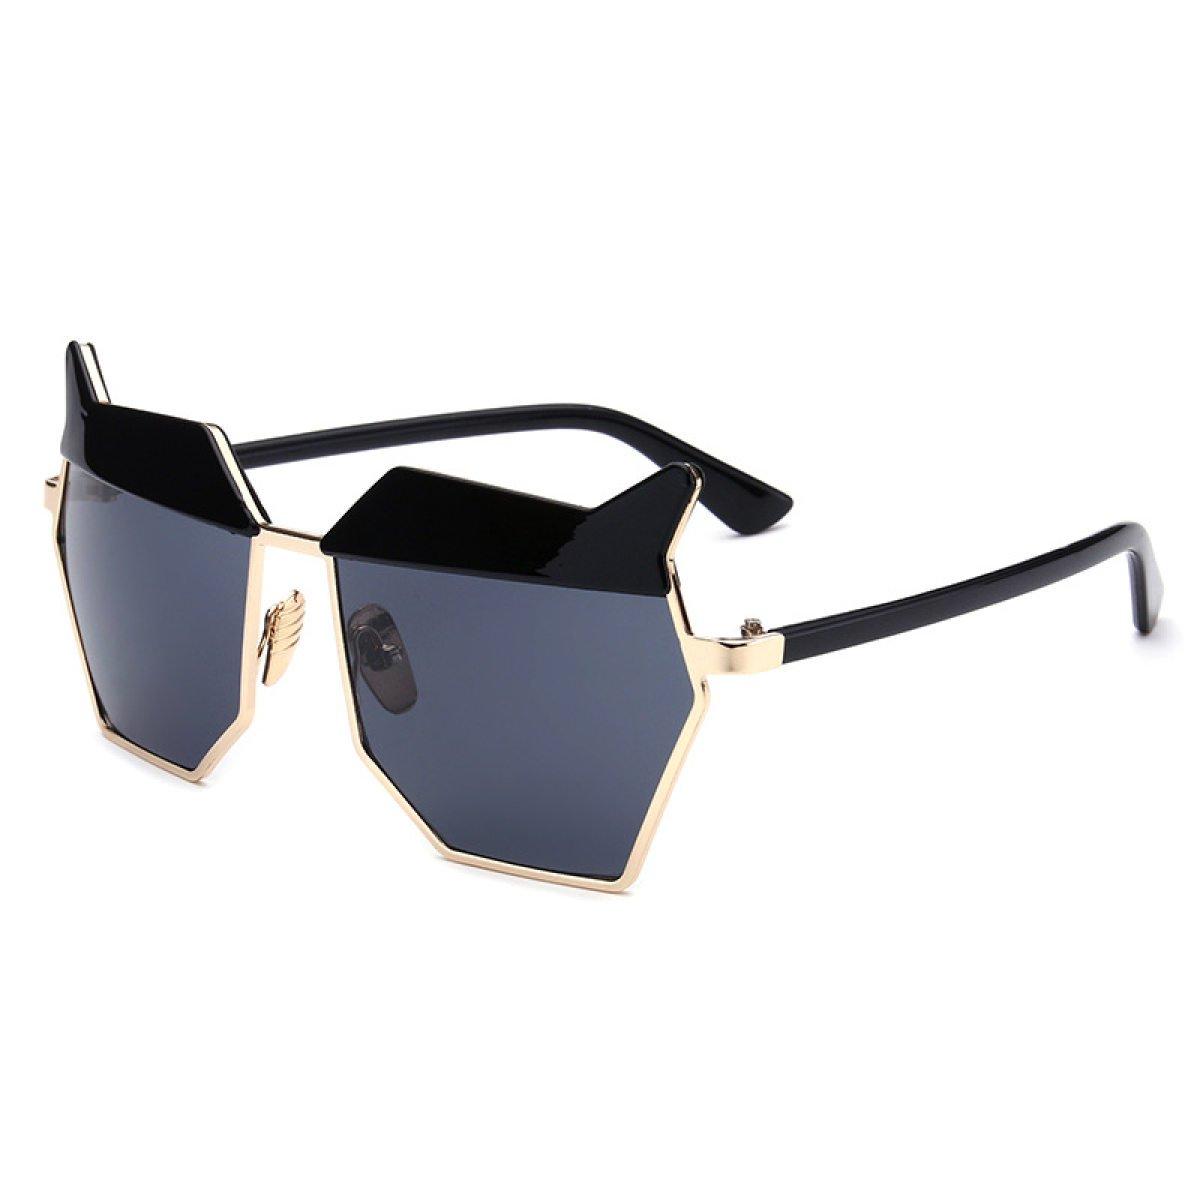 WKAIJC Frauen Mode Individualität Komfort Lässig Retro Katzenauge Sonnenbrillen Metall Hell Sonnenbrille,A